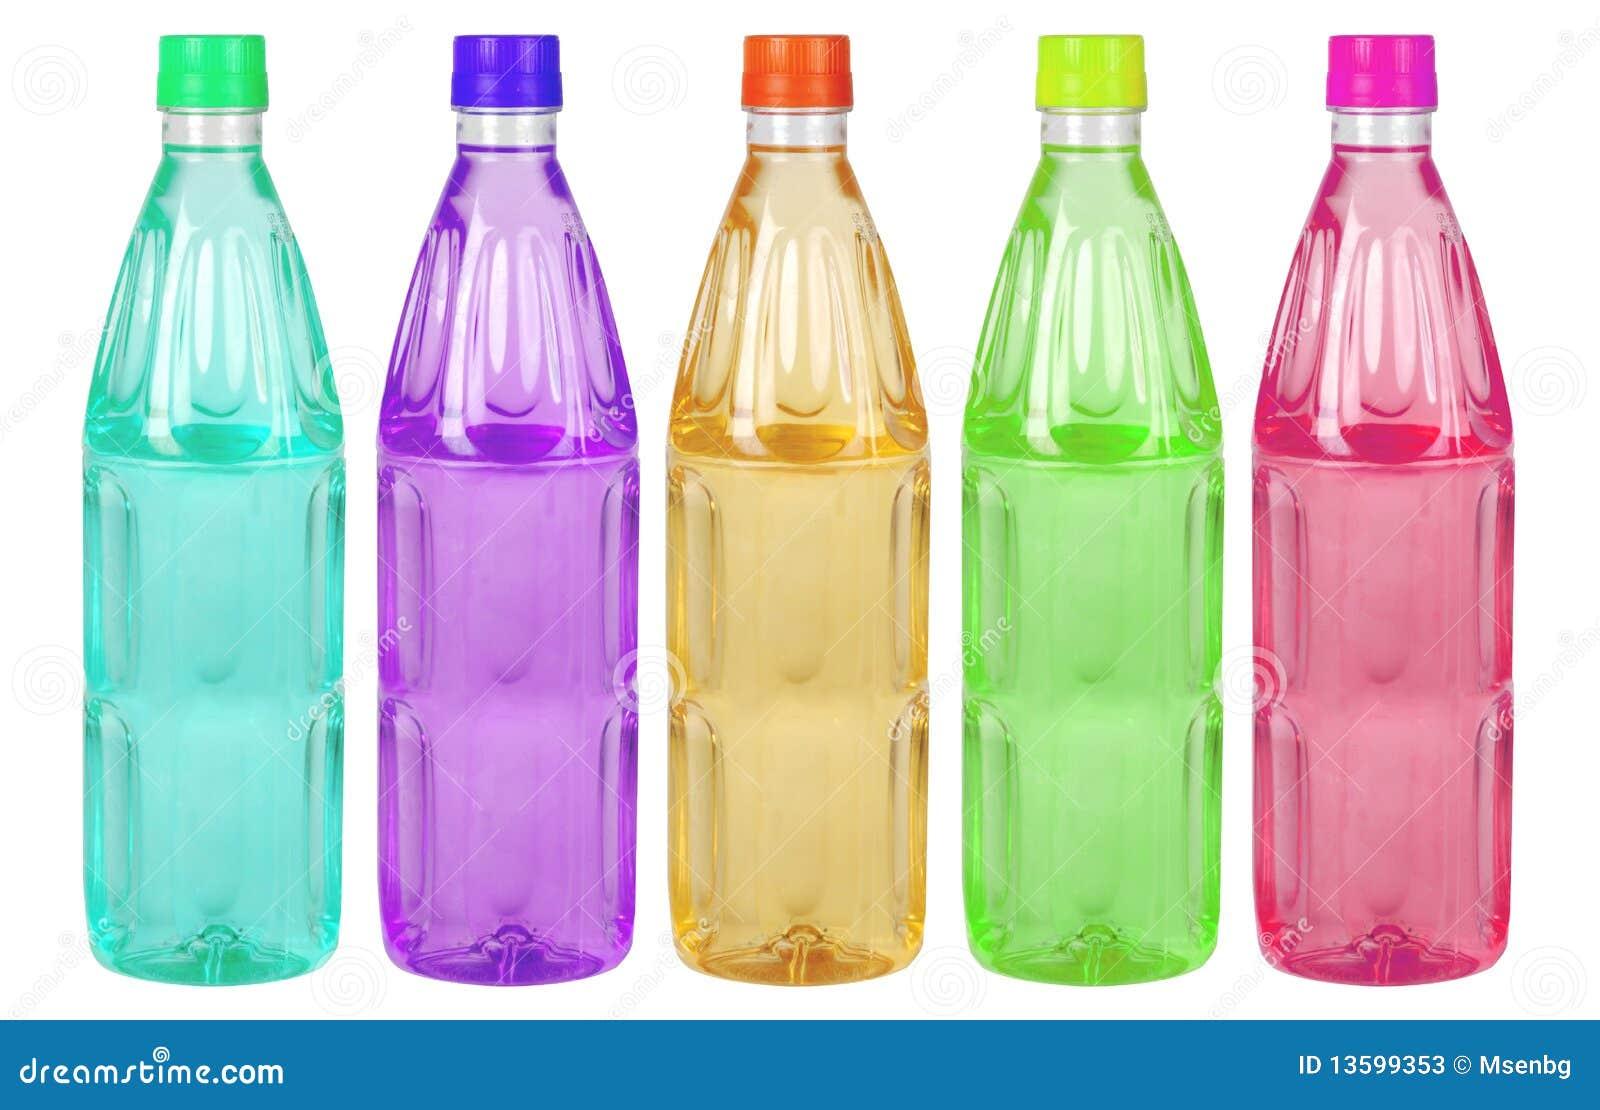 bouteilles en plastique color es image stock image du. Black Bedroom Furniture Sets. Home Design Ideas